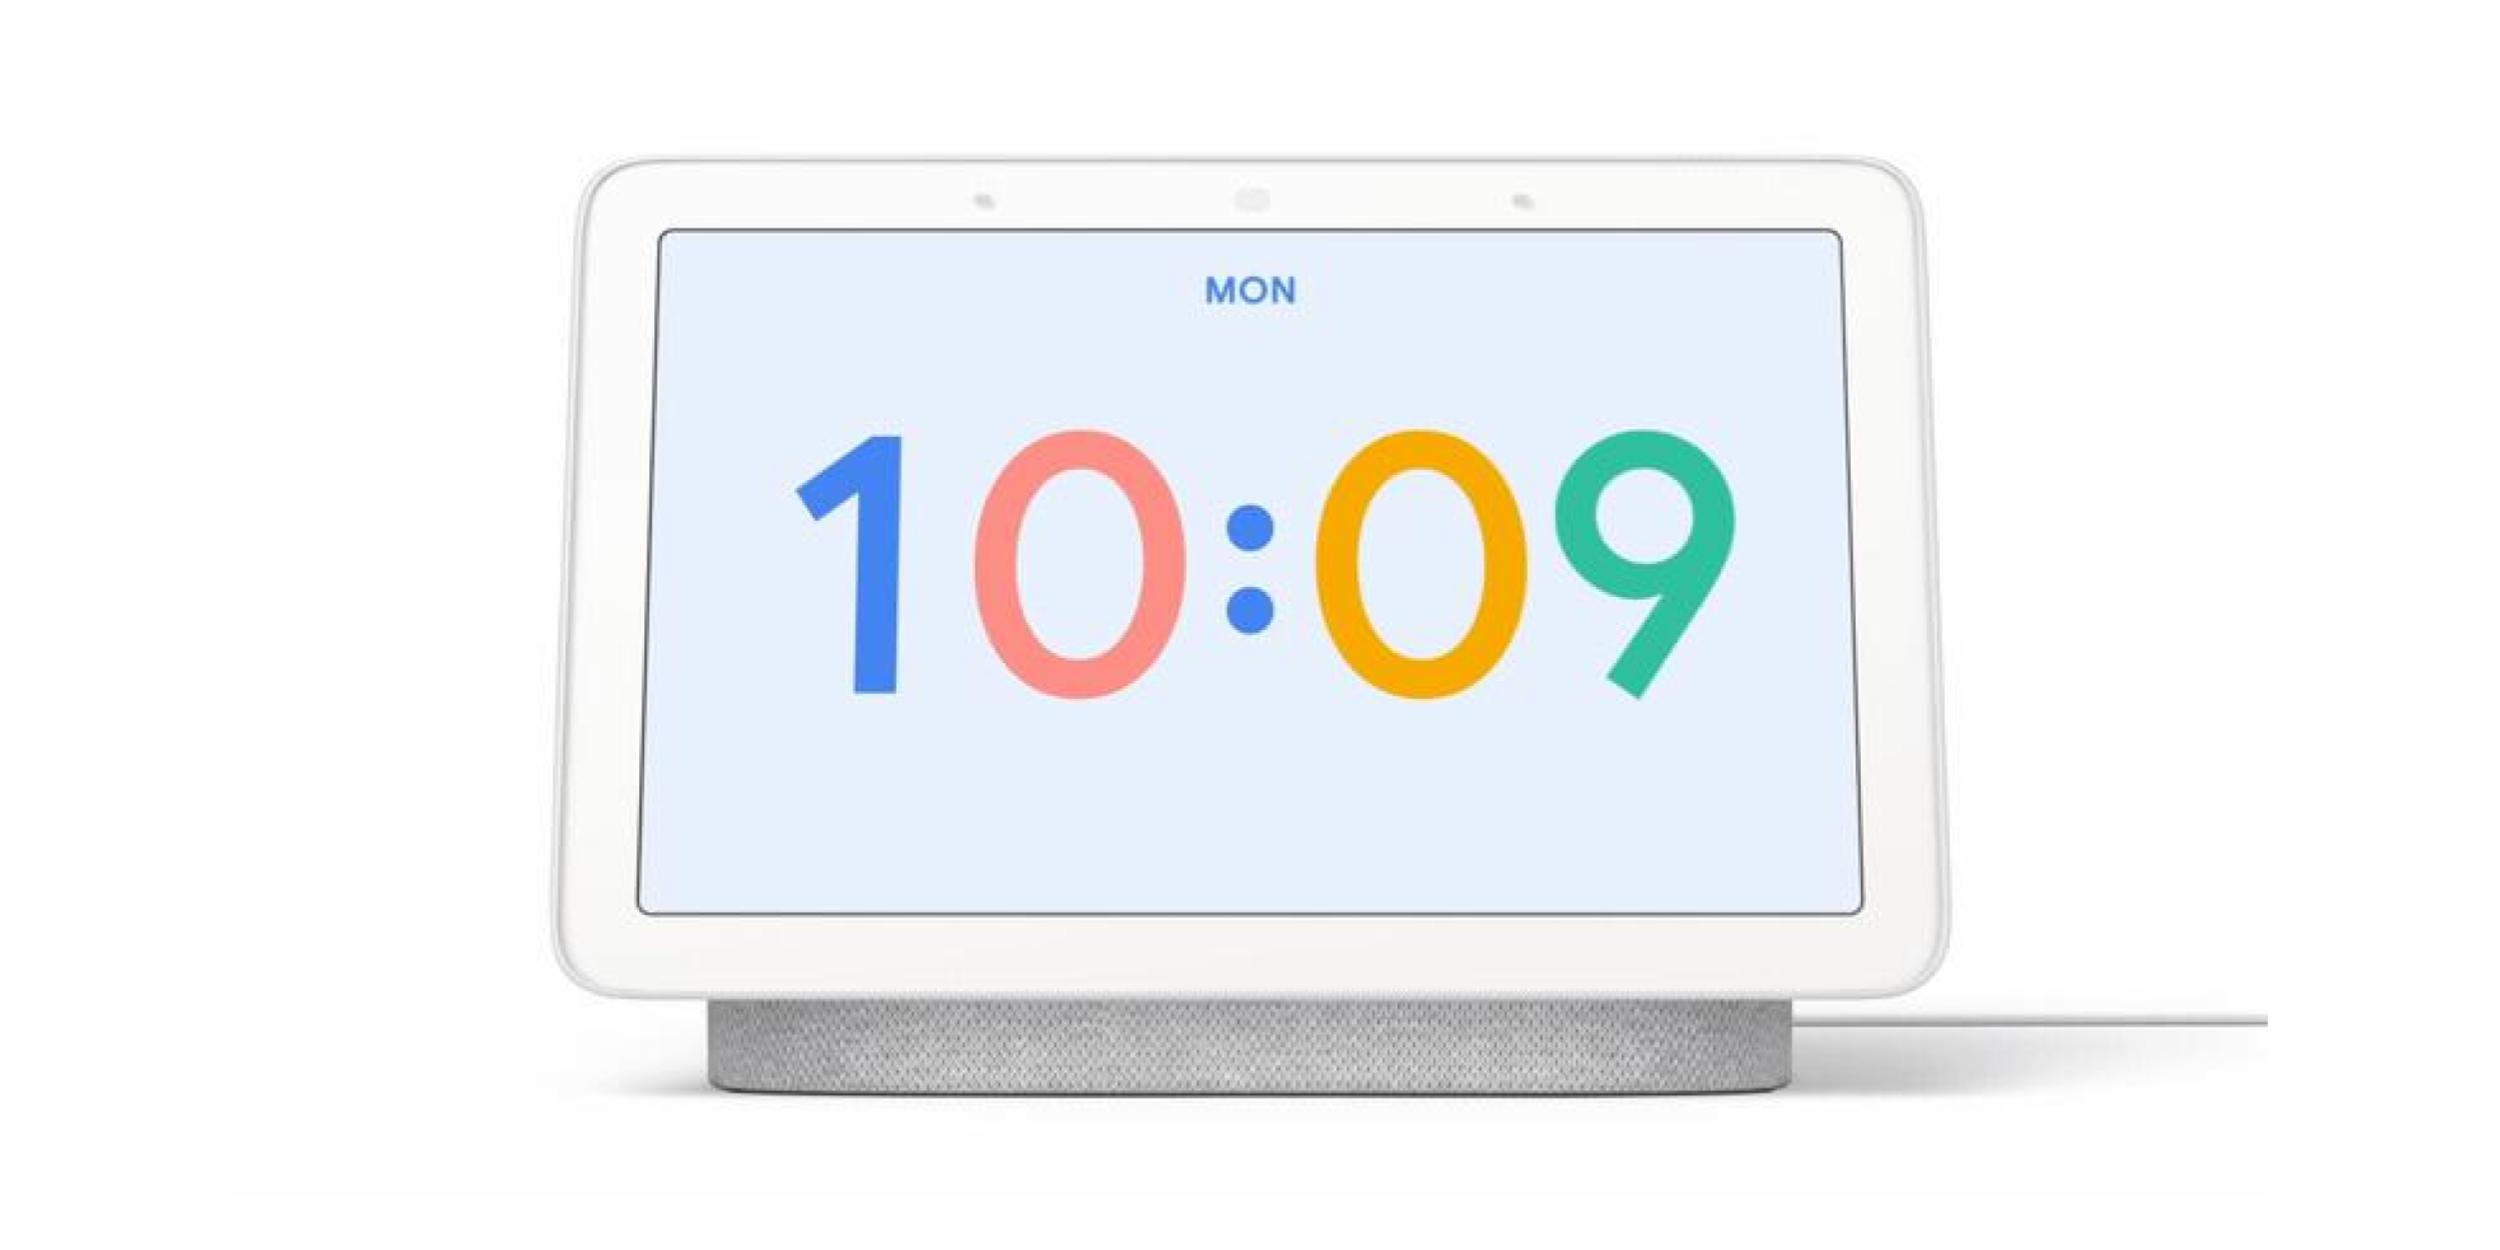 Google ứng dụng đề xuất mặt đồng hồ mới Nest mới Hub